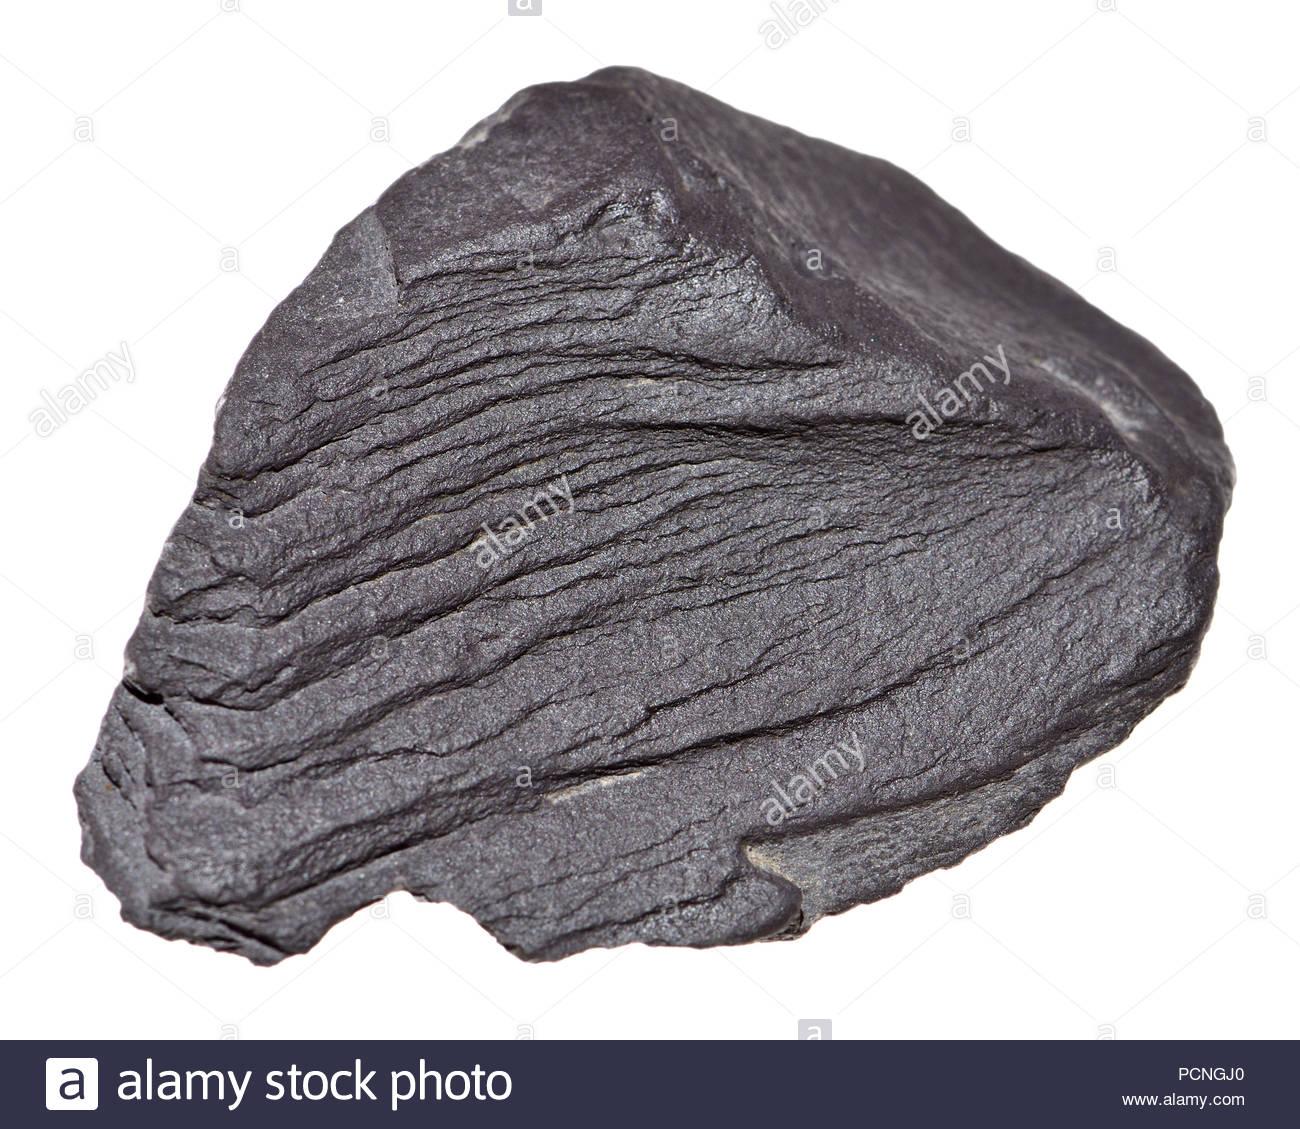 Slate (UK) Metamorphic rock - Stock Image